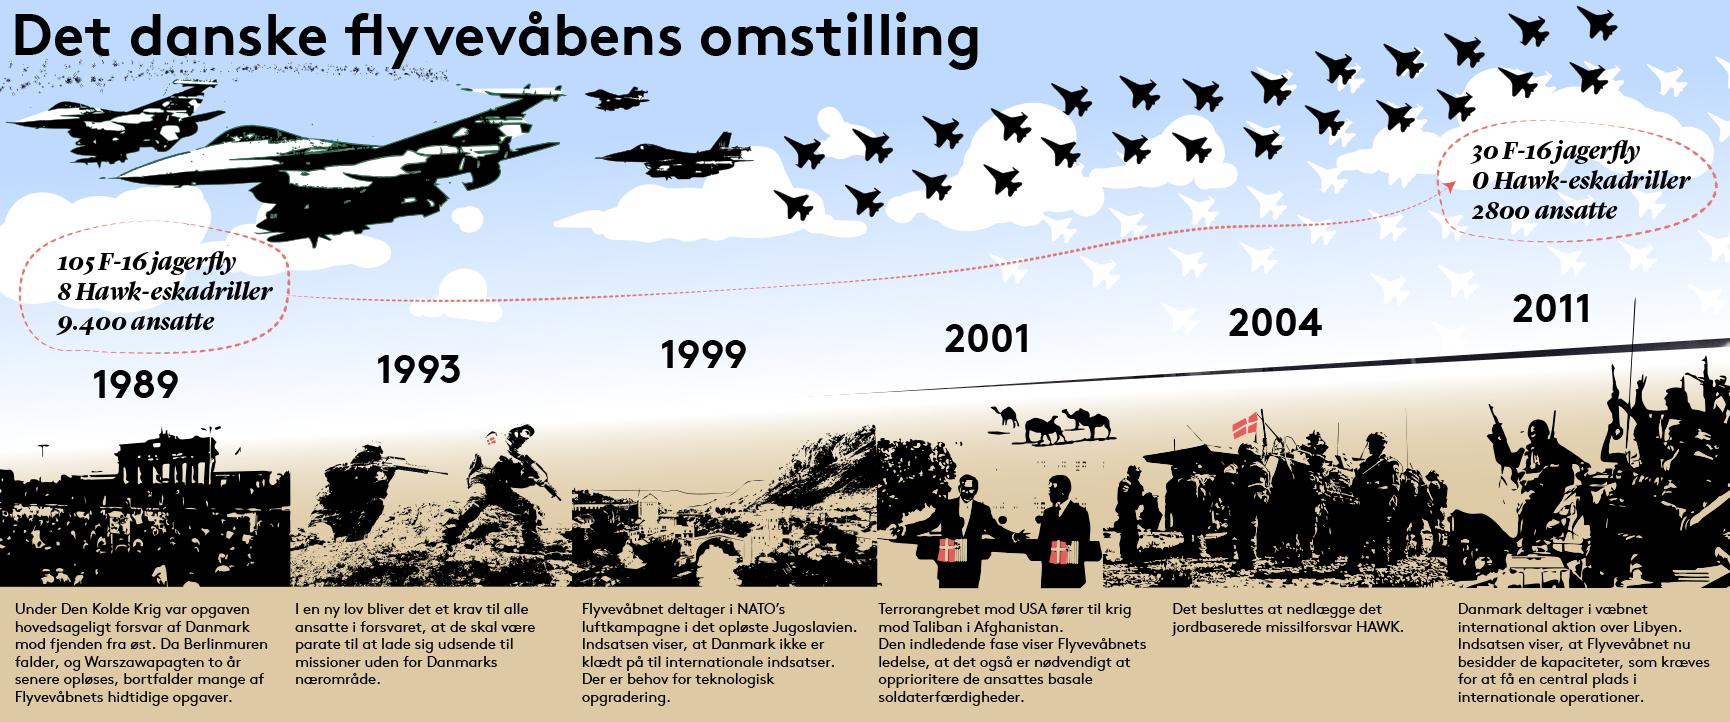 Billedet viser den historiske udvikling i det danske flyvevåbens omstilling